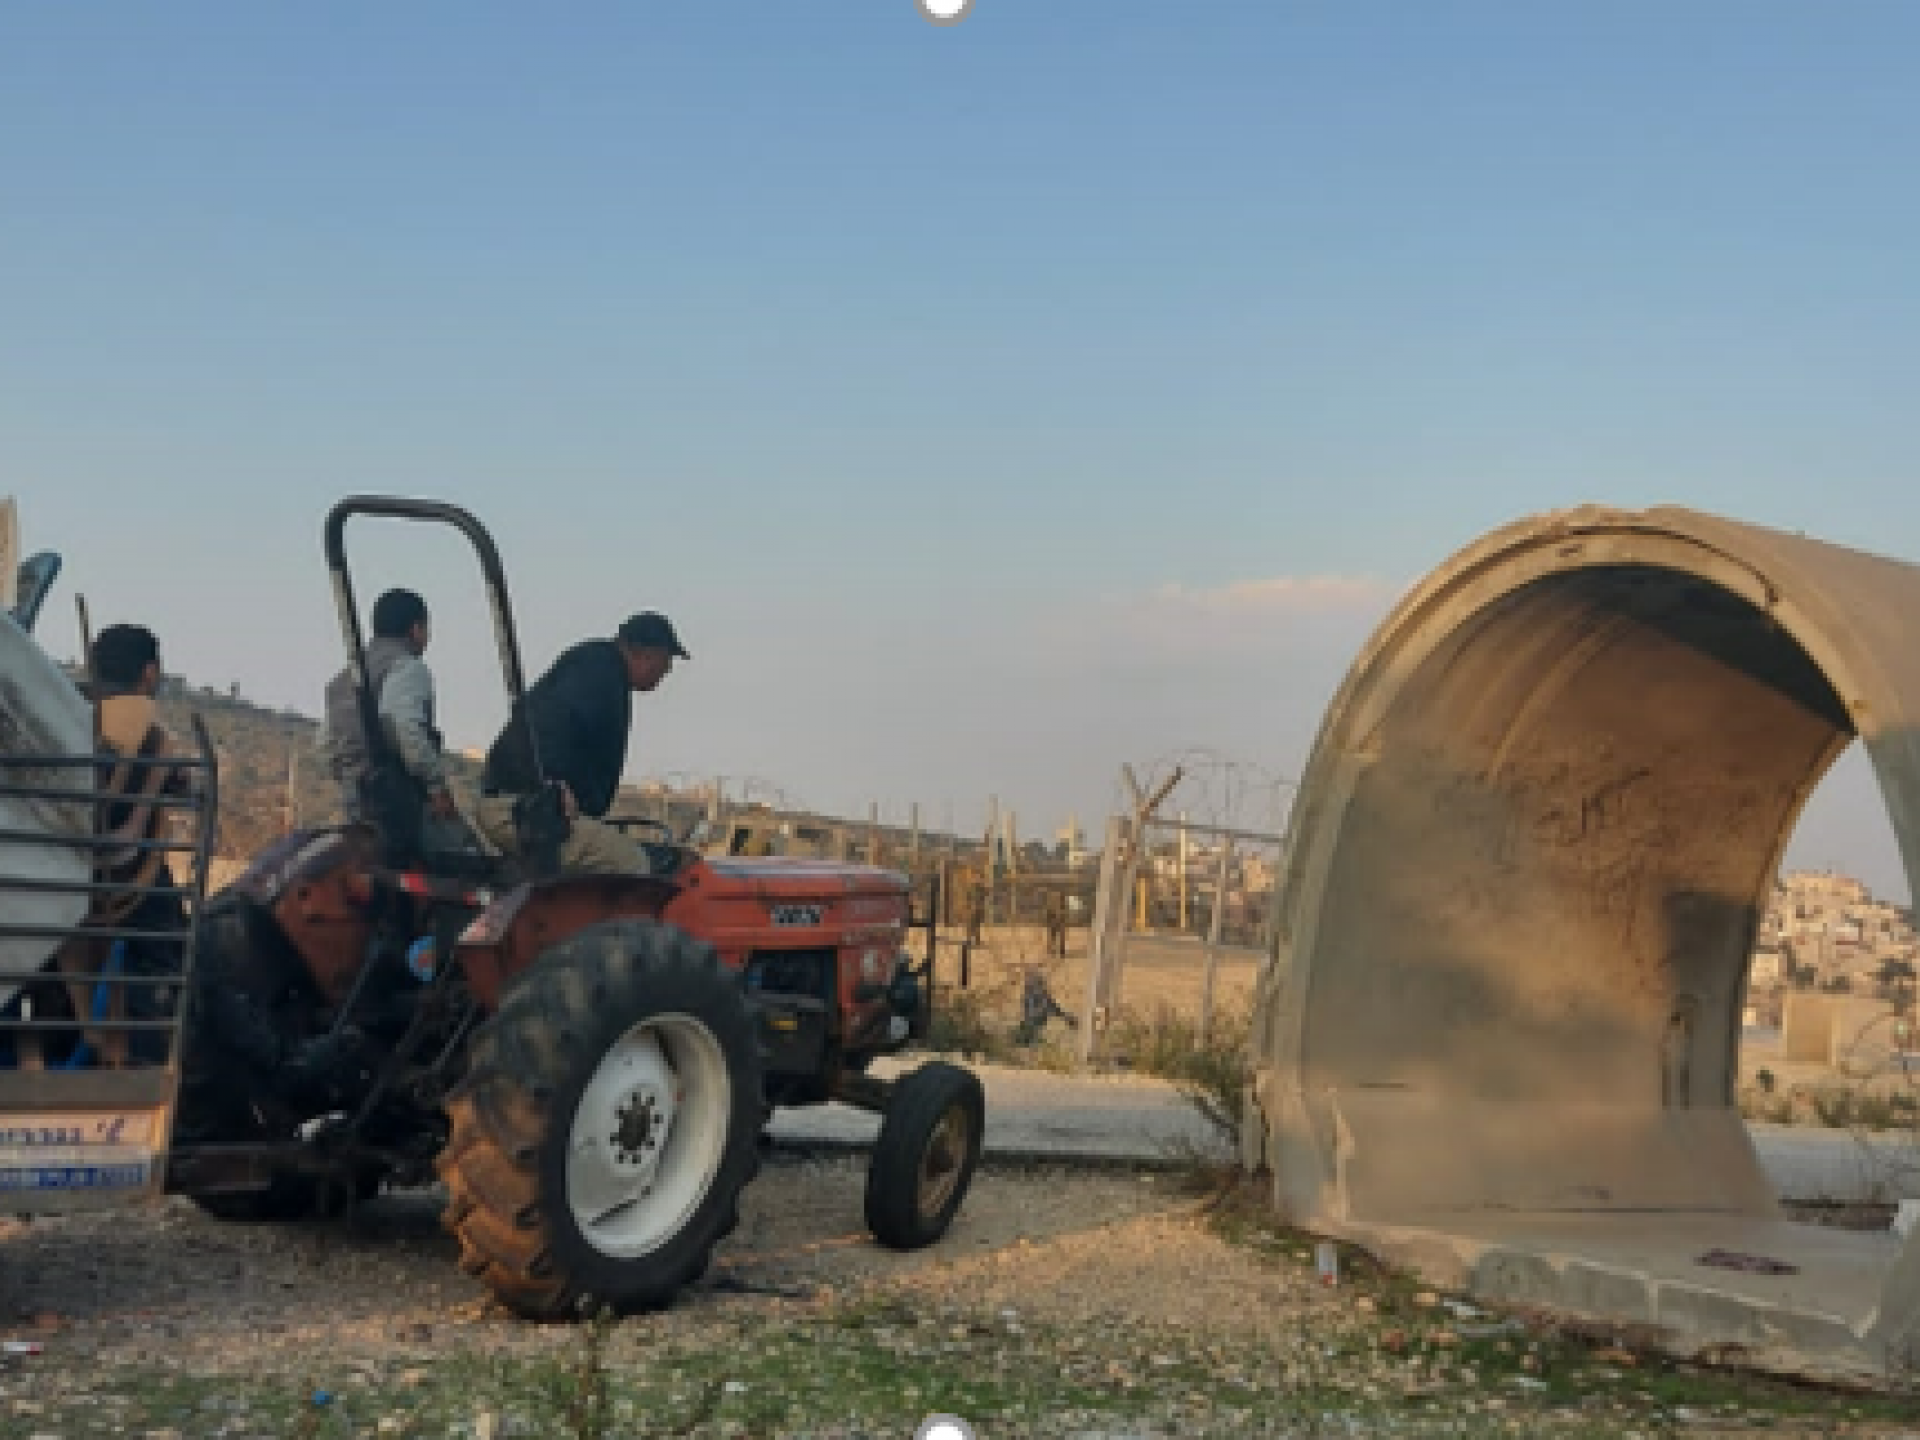 מחסום עאנין - בחזרה הביתה עם גרוטאות שנאספו בכפרים